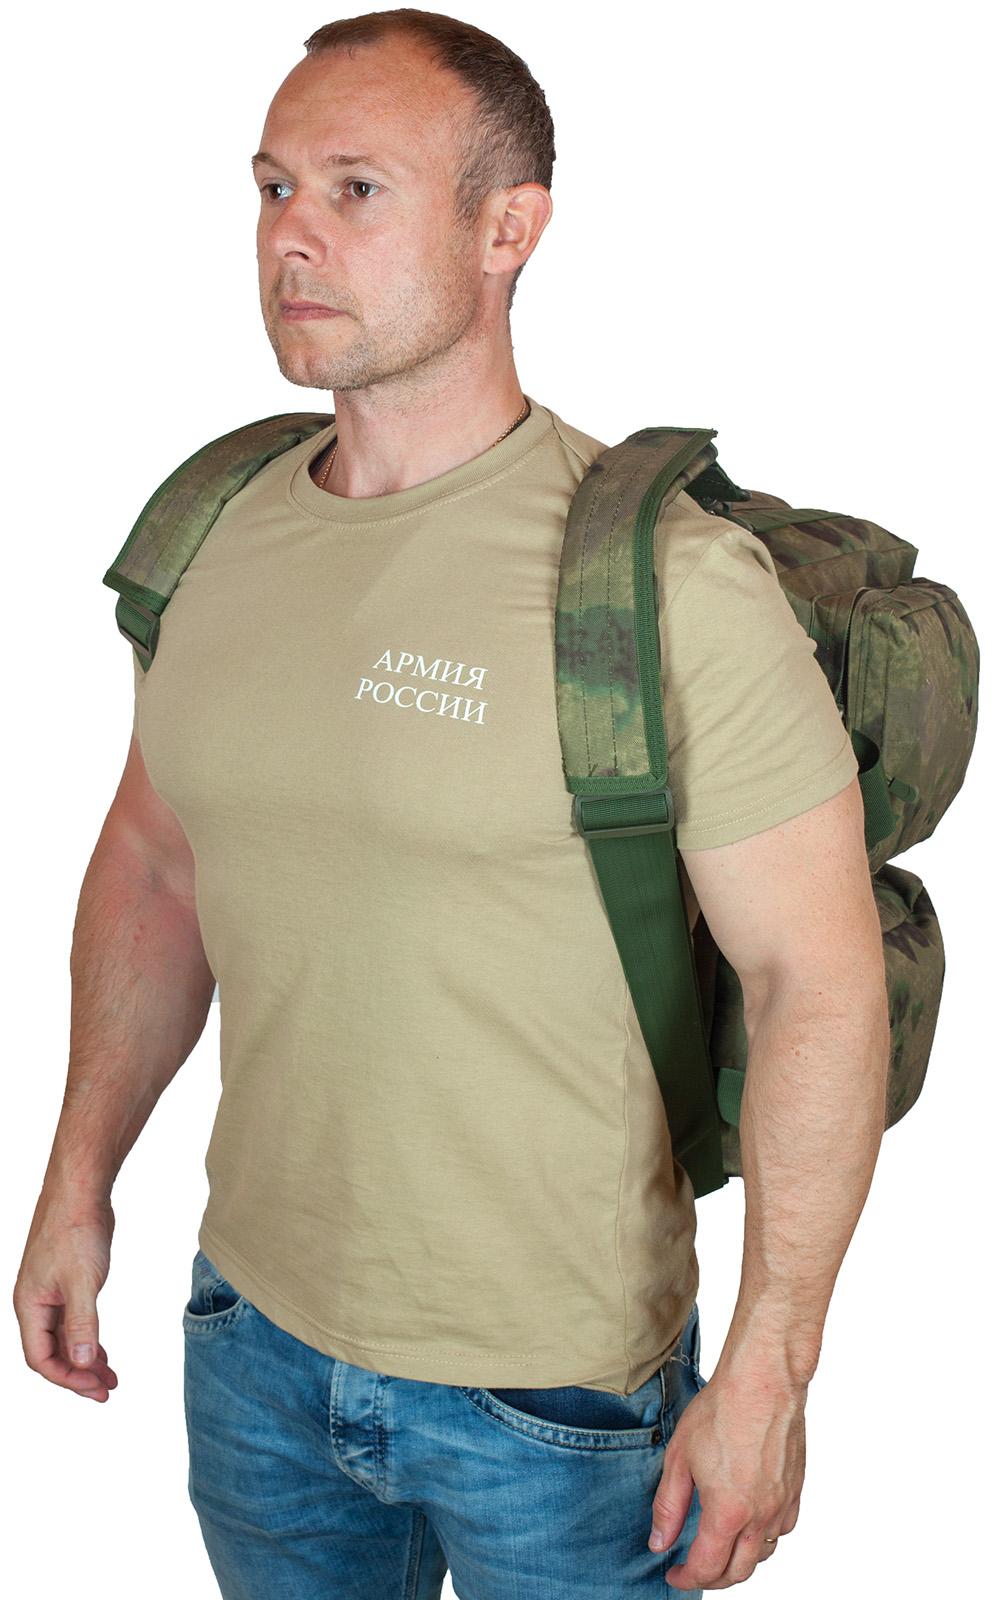 Заплечная камуфляжная сумка-баул Рожден в СССР - заказать онлайн